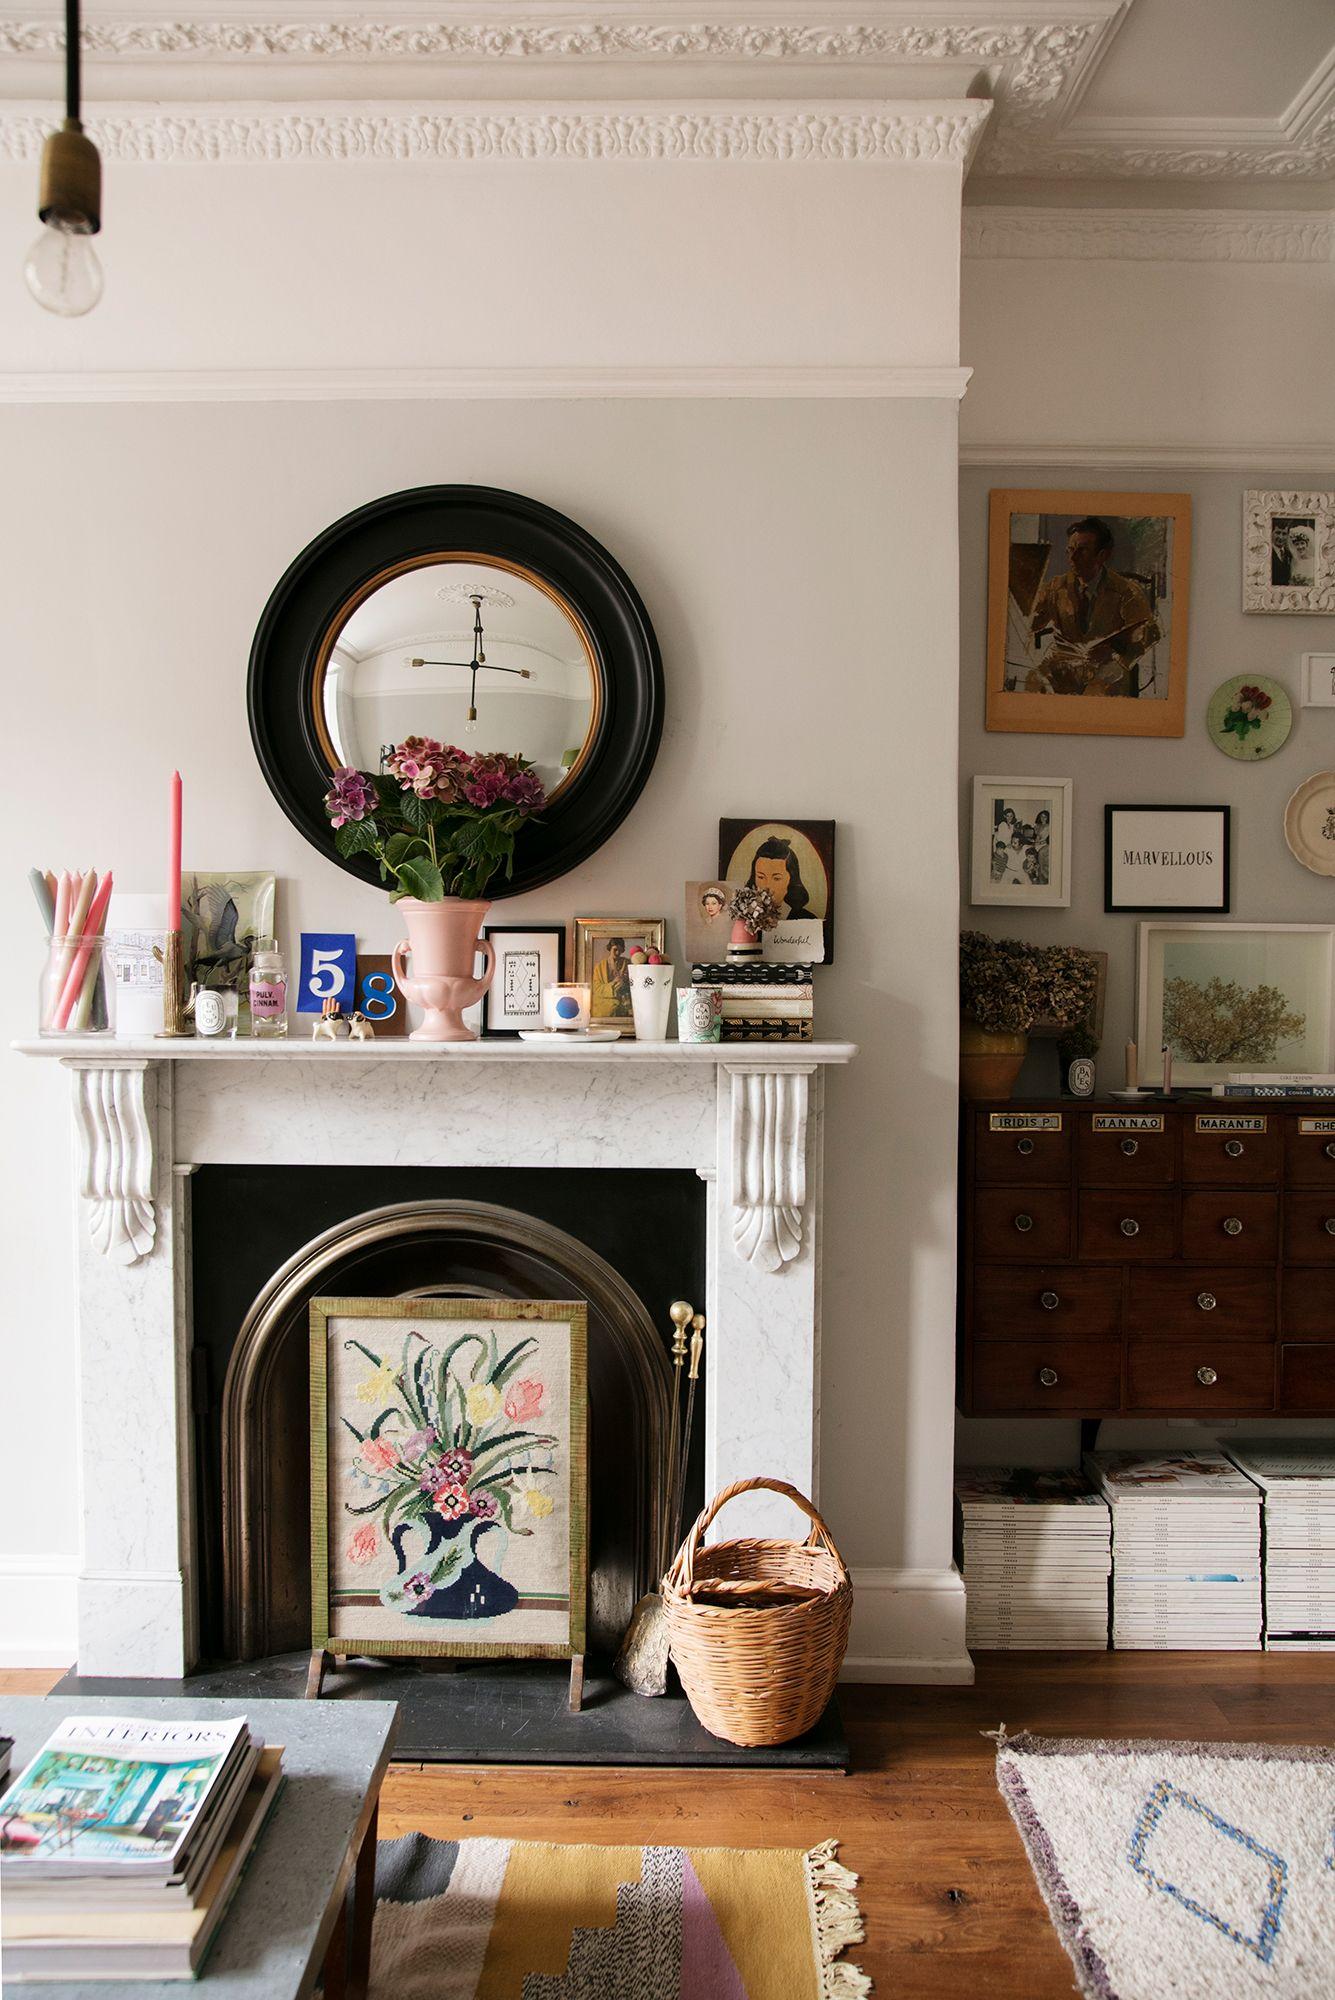 L'appartement de Lisa Mehydene, fondatrice D'Edit58 #edit58 #london #londonstyle #portrait #woman #decoration #deco #flat #inspiration